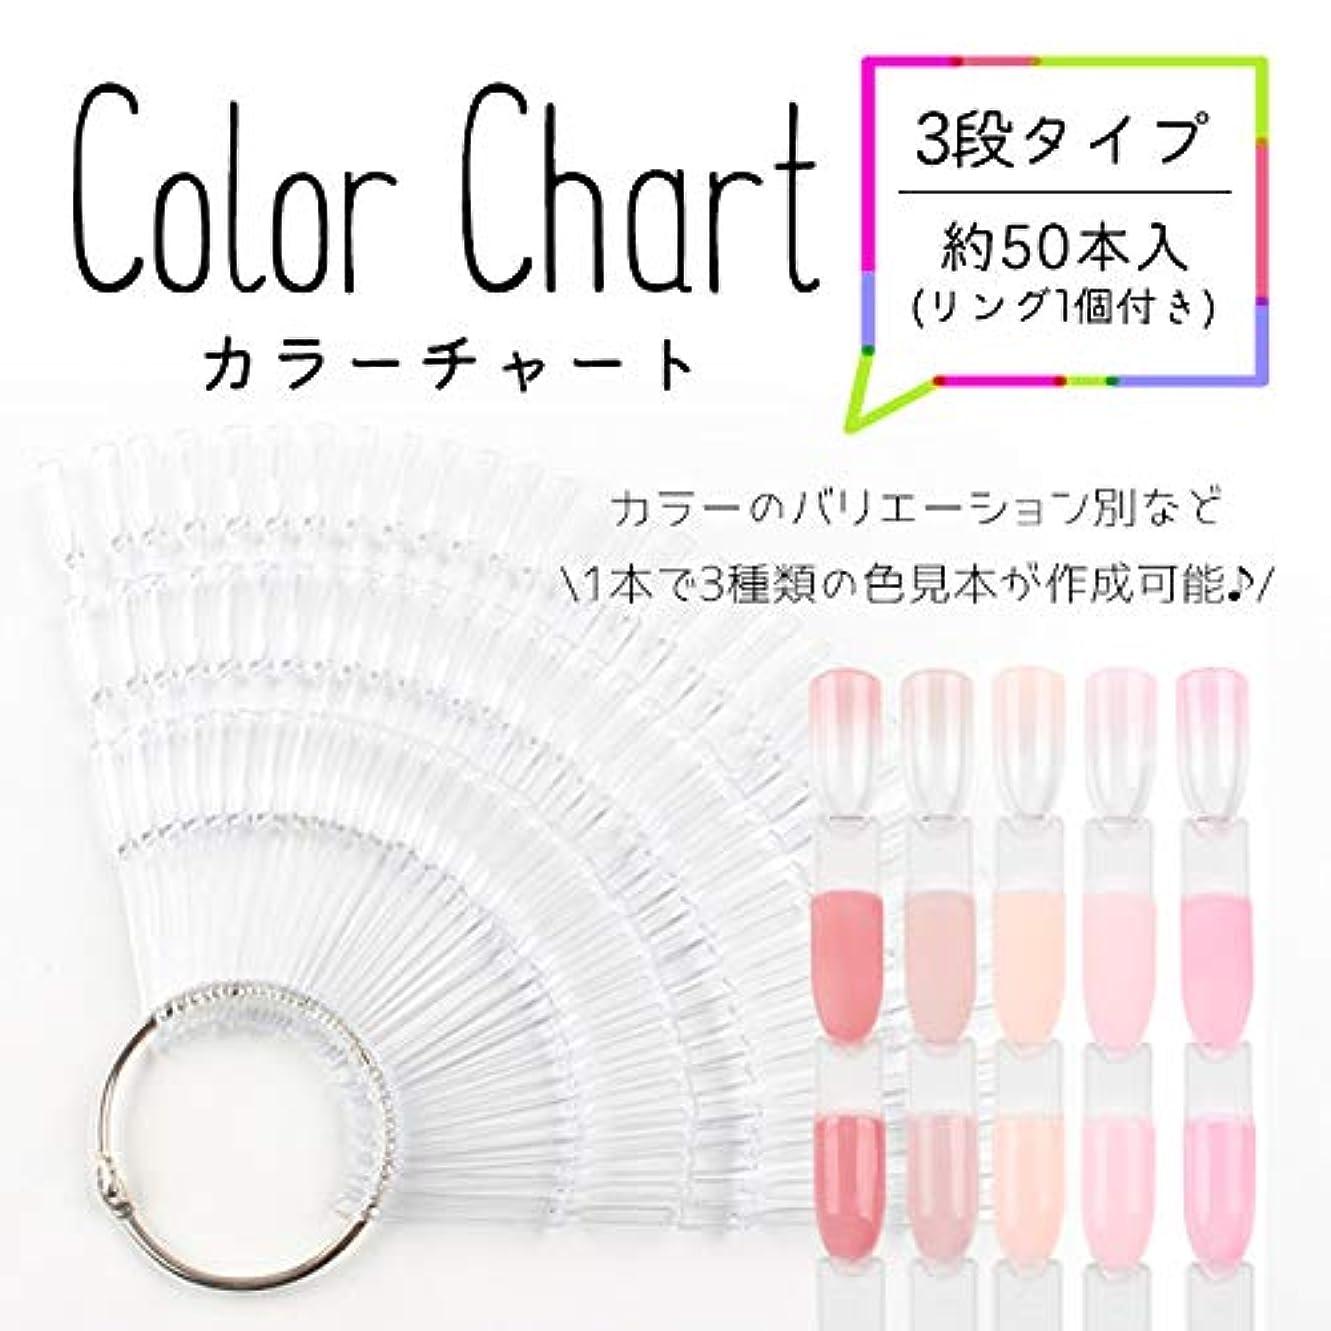 お酢最少腸3段タイプ カラーチャート (クリア) ネイルアート